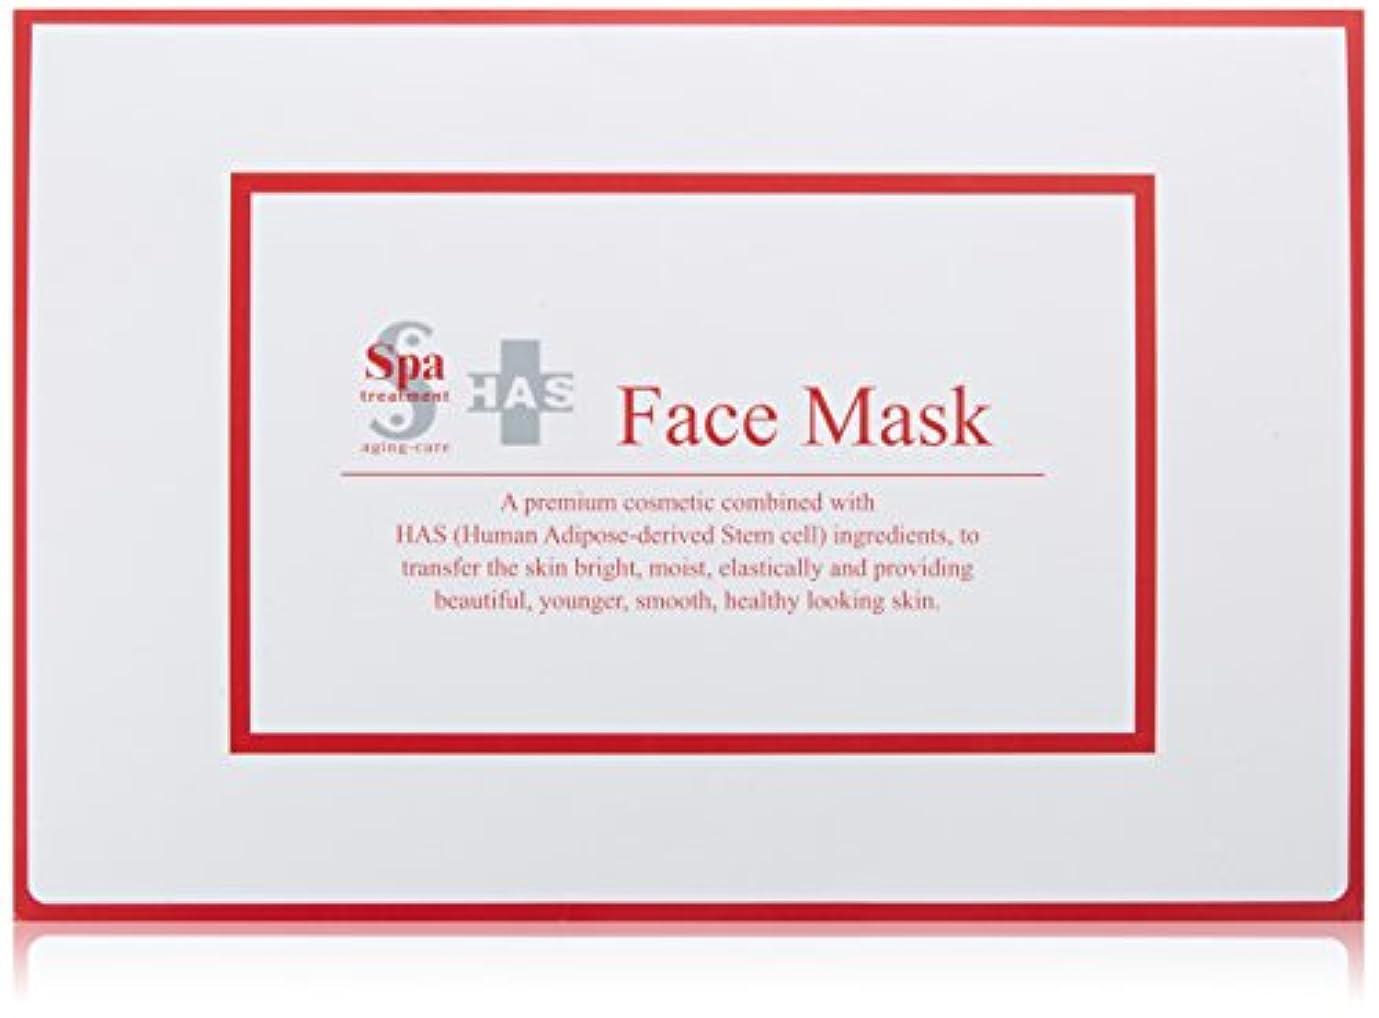 歩き回る奨励失業者Spa HAS フェイスマスク 25ml×5本